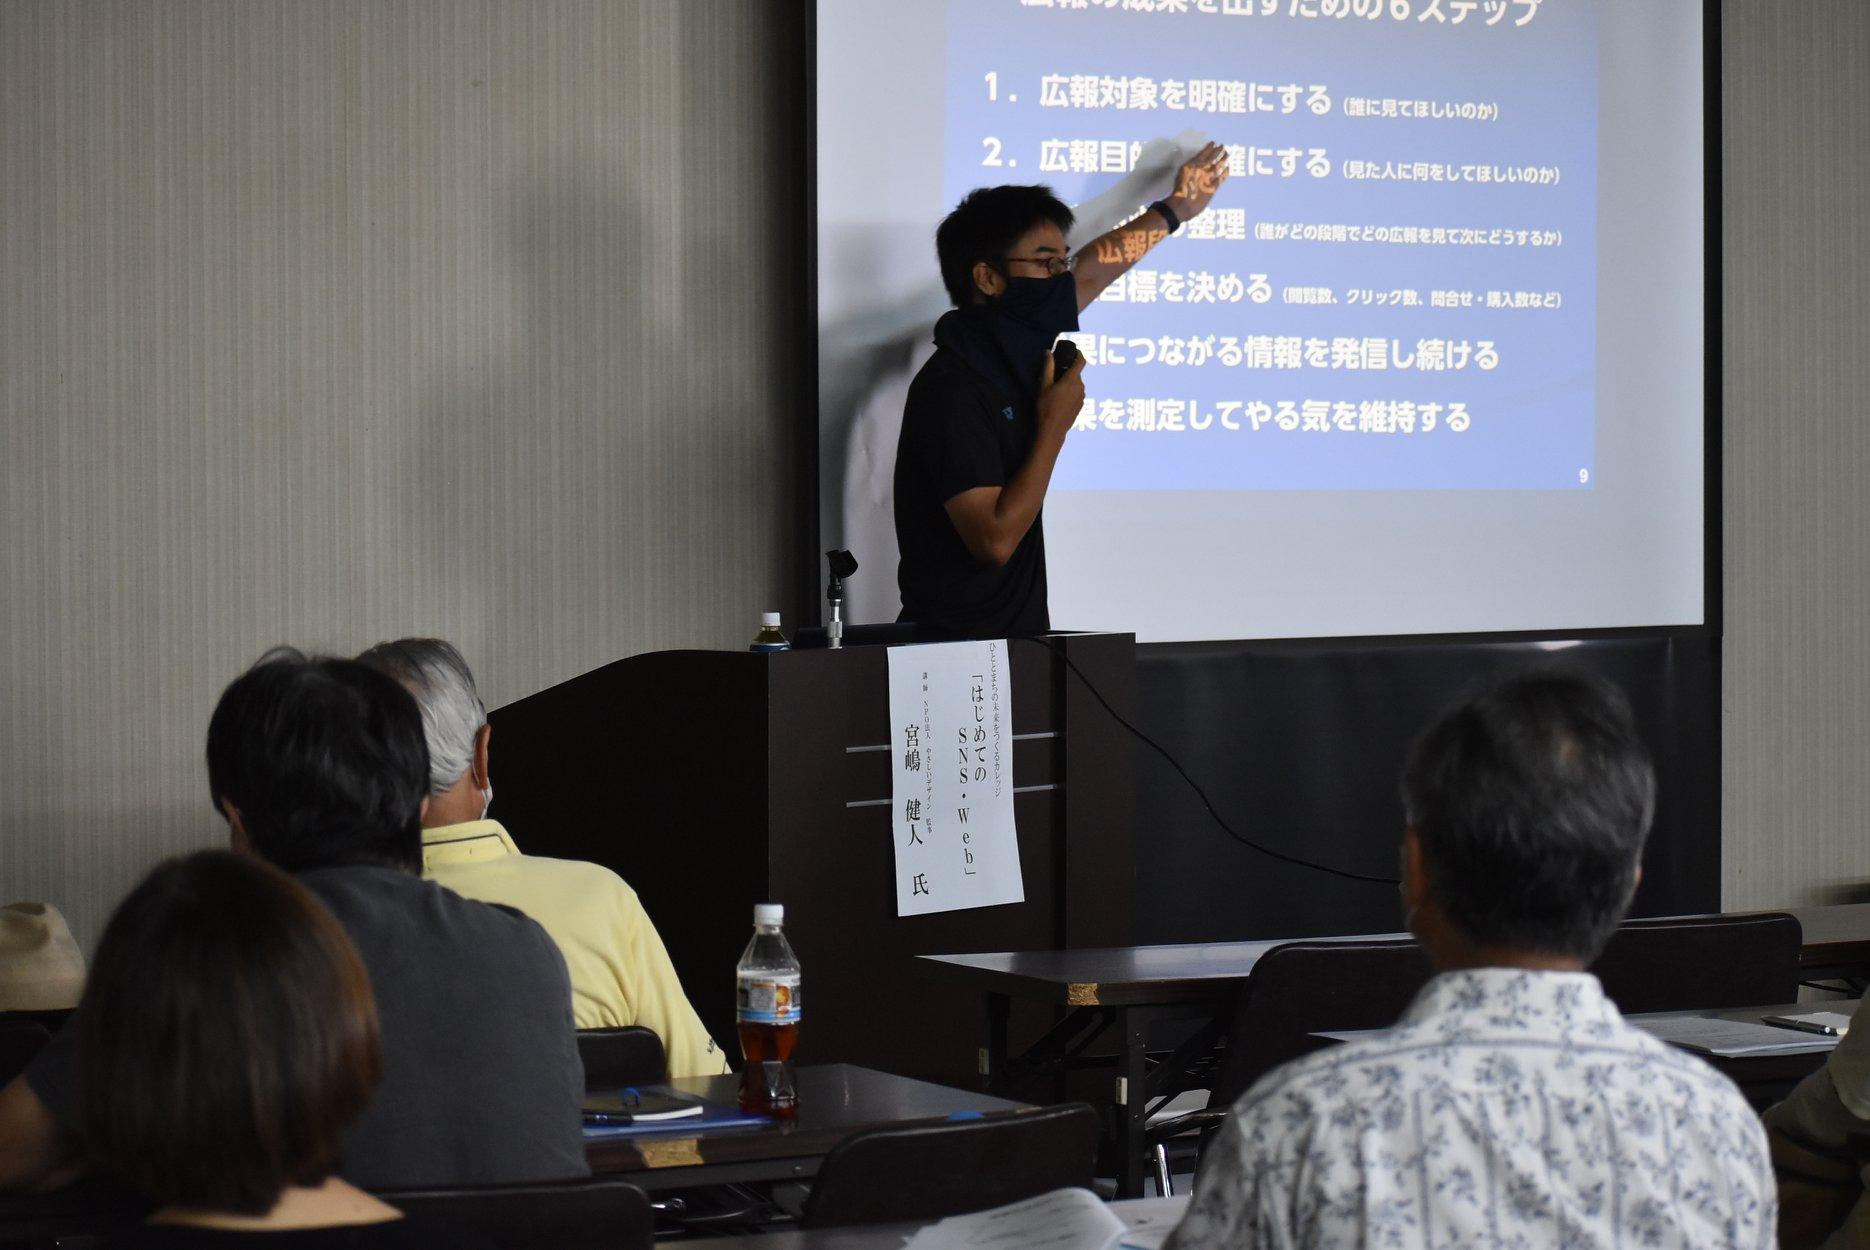 公益財団法人草津市コミュニティ事業団「はじめてのSNS・Web」講座で宮嶋健人が講師を担当しました。